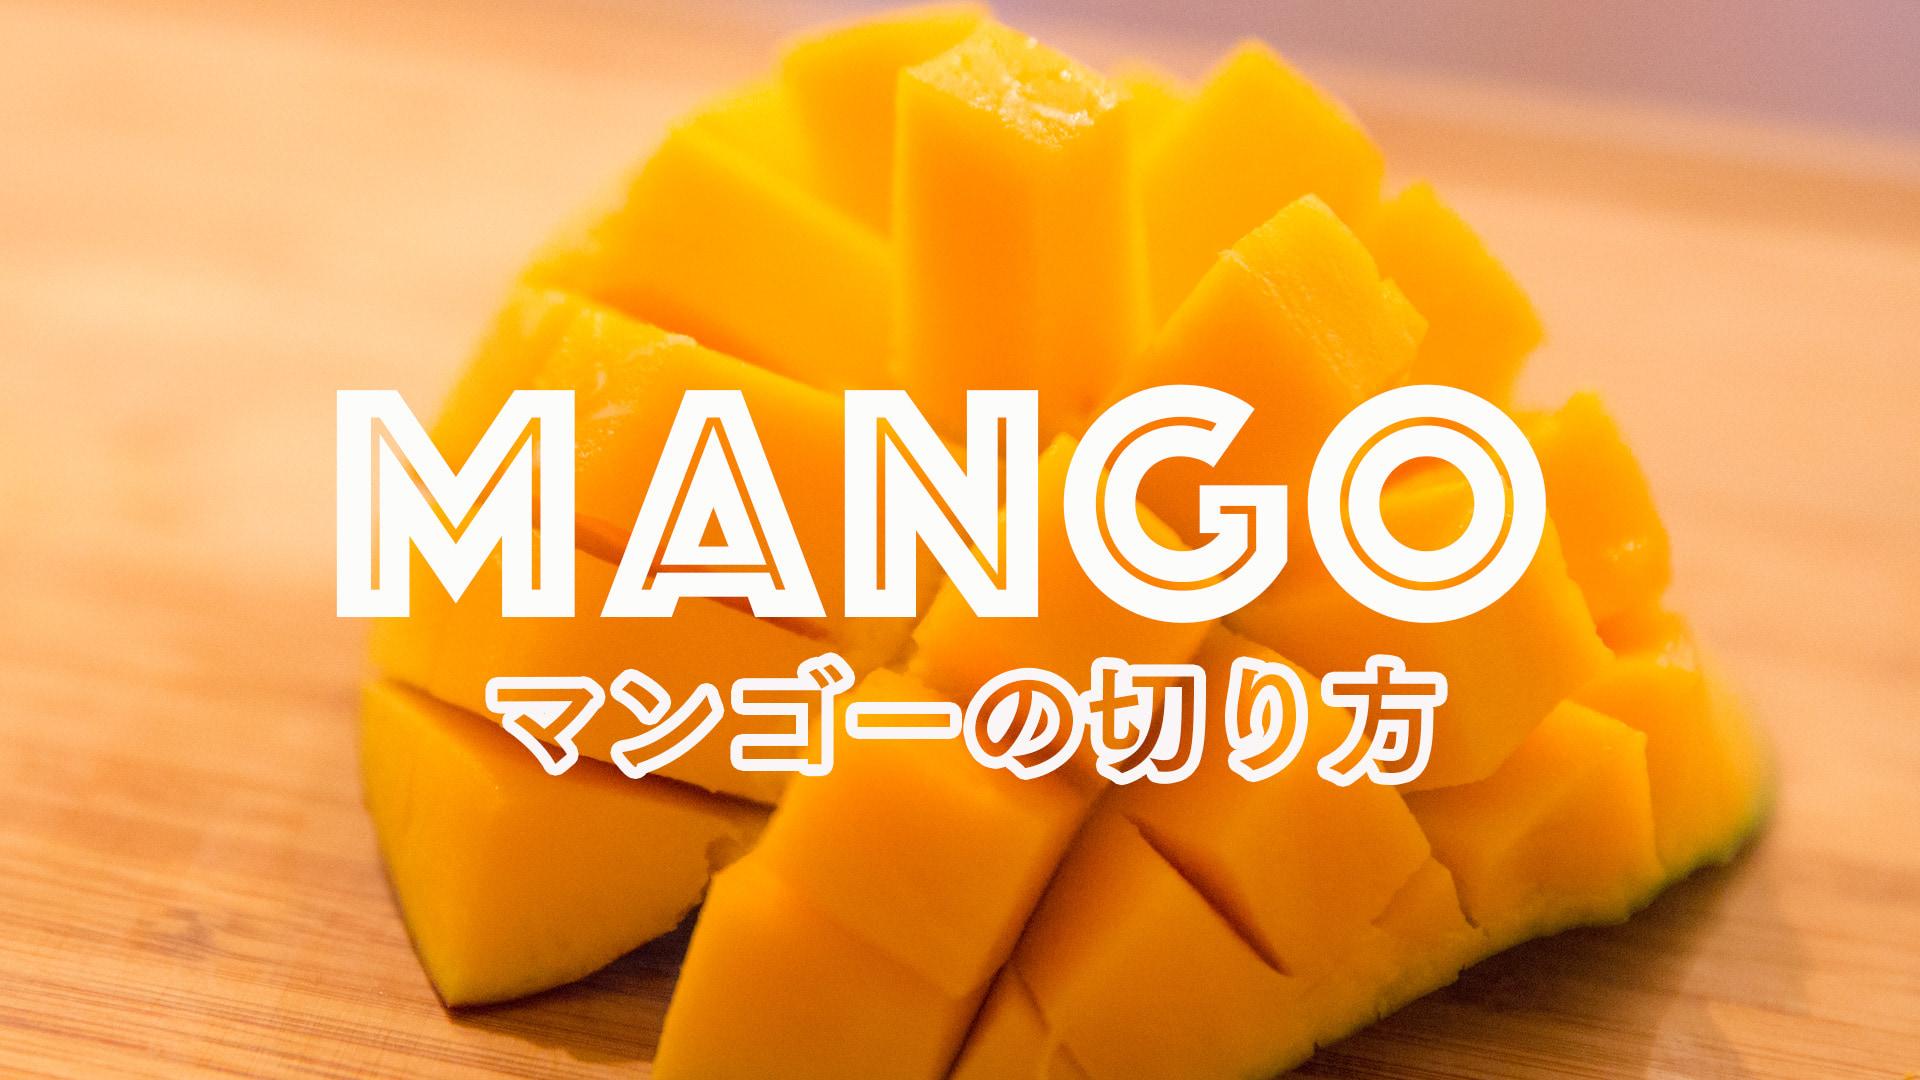 どうやって食べる?お花型マンゴーの切り方